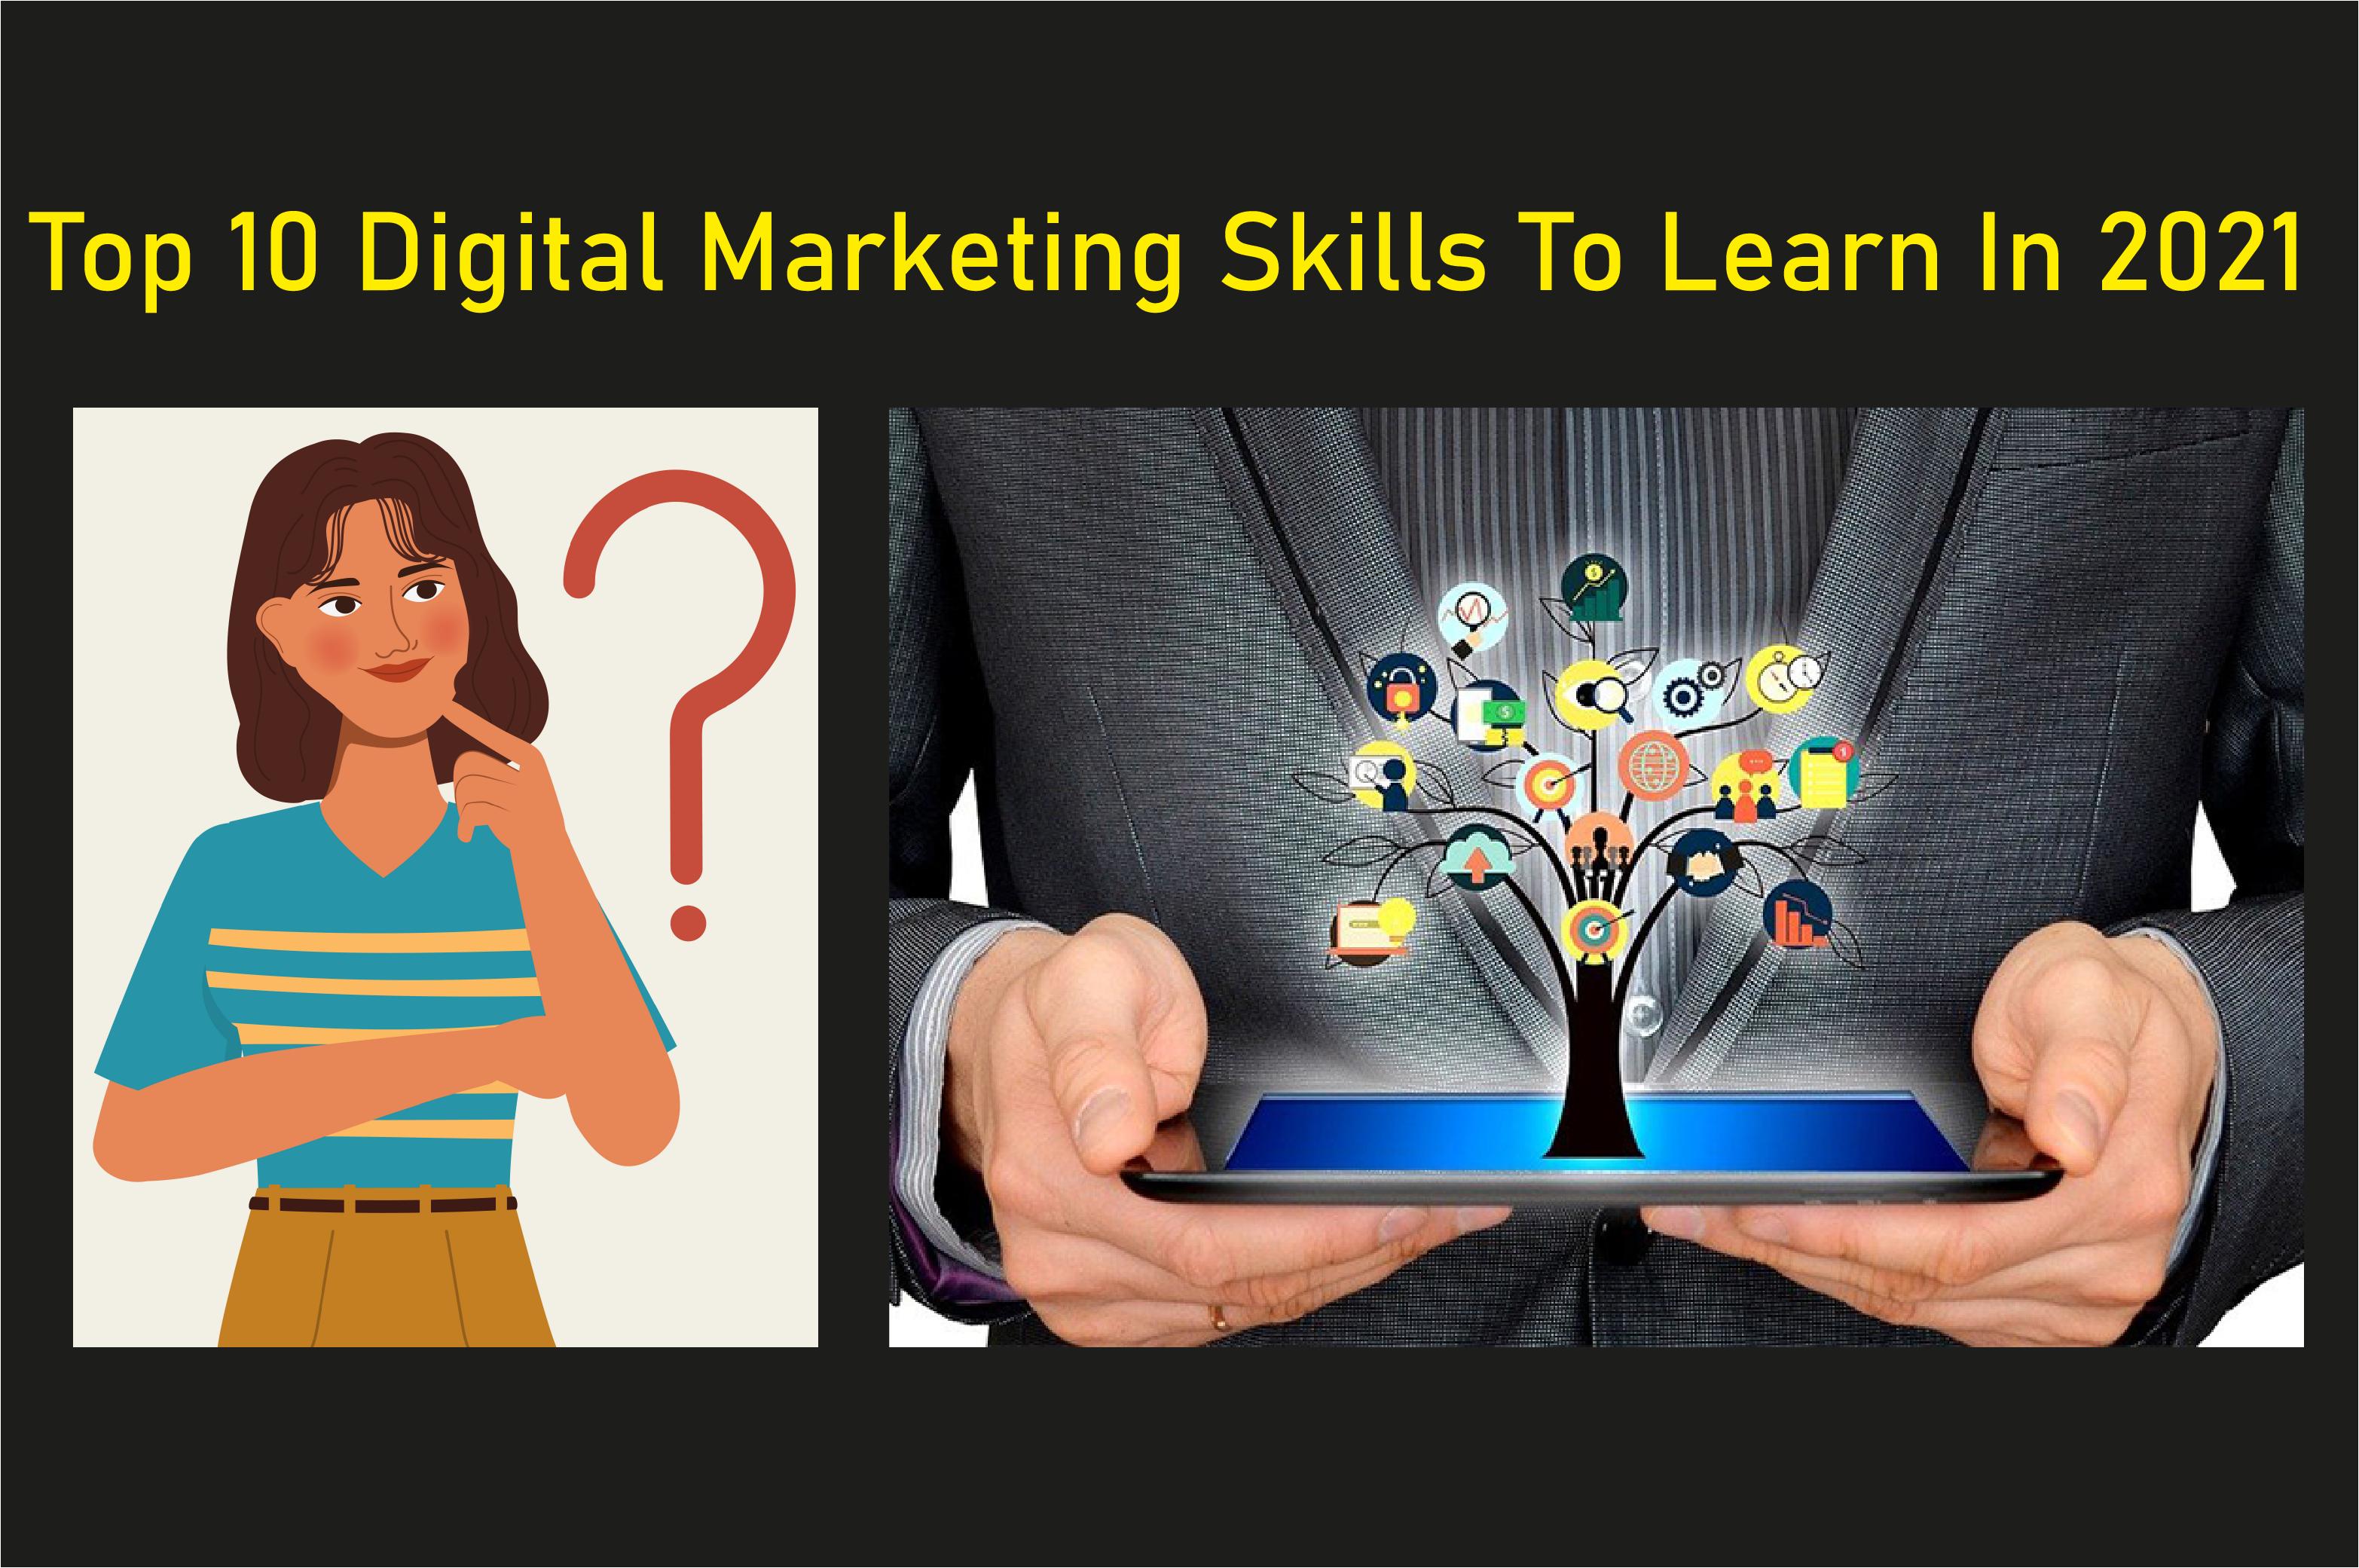 Top digital marketing skills 2021